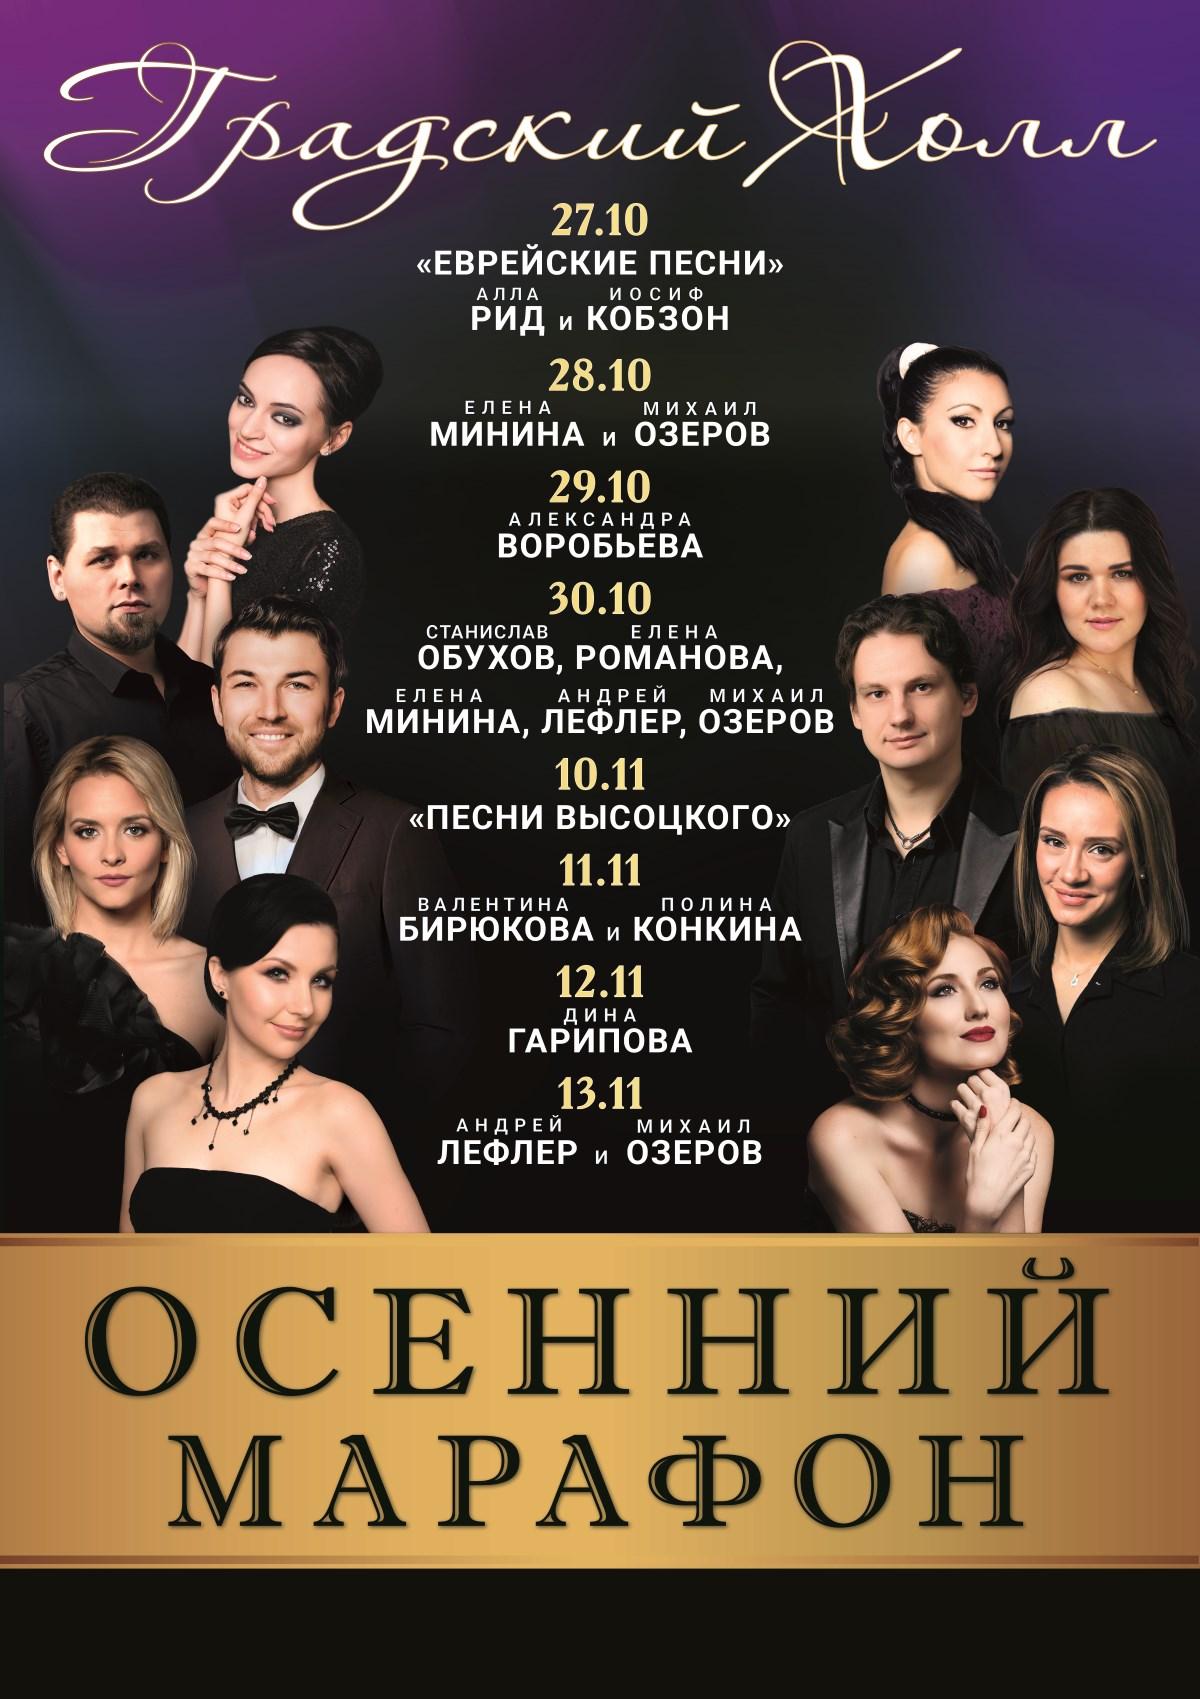 Афиша концертов и билеты в ЦДХ